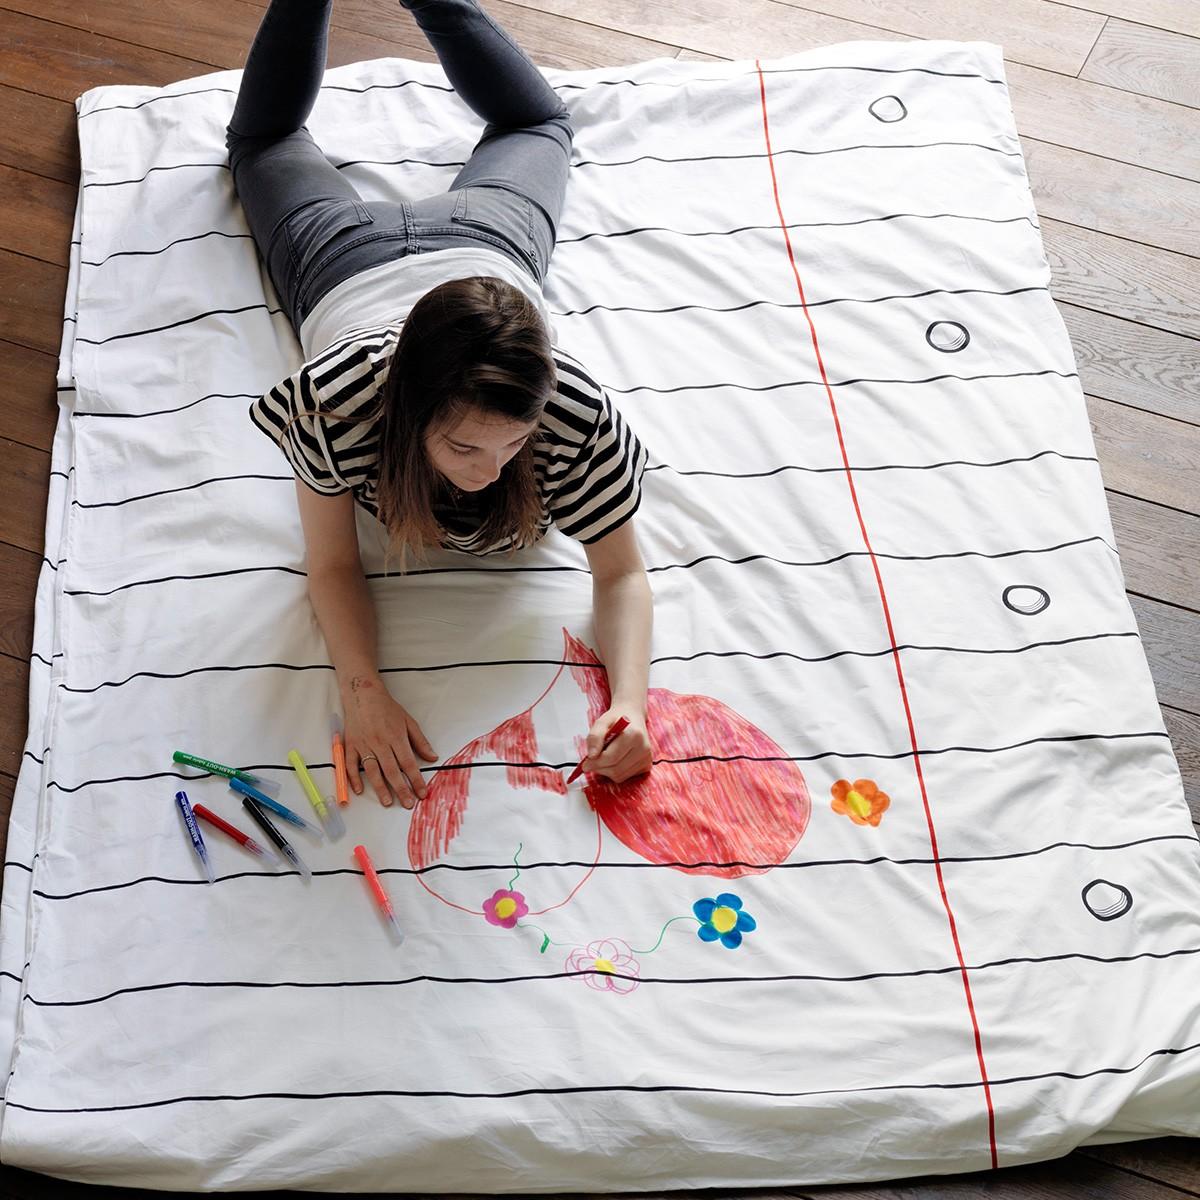 Narzuta na łóżko do malowania